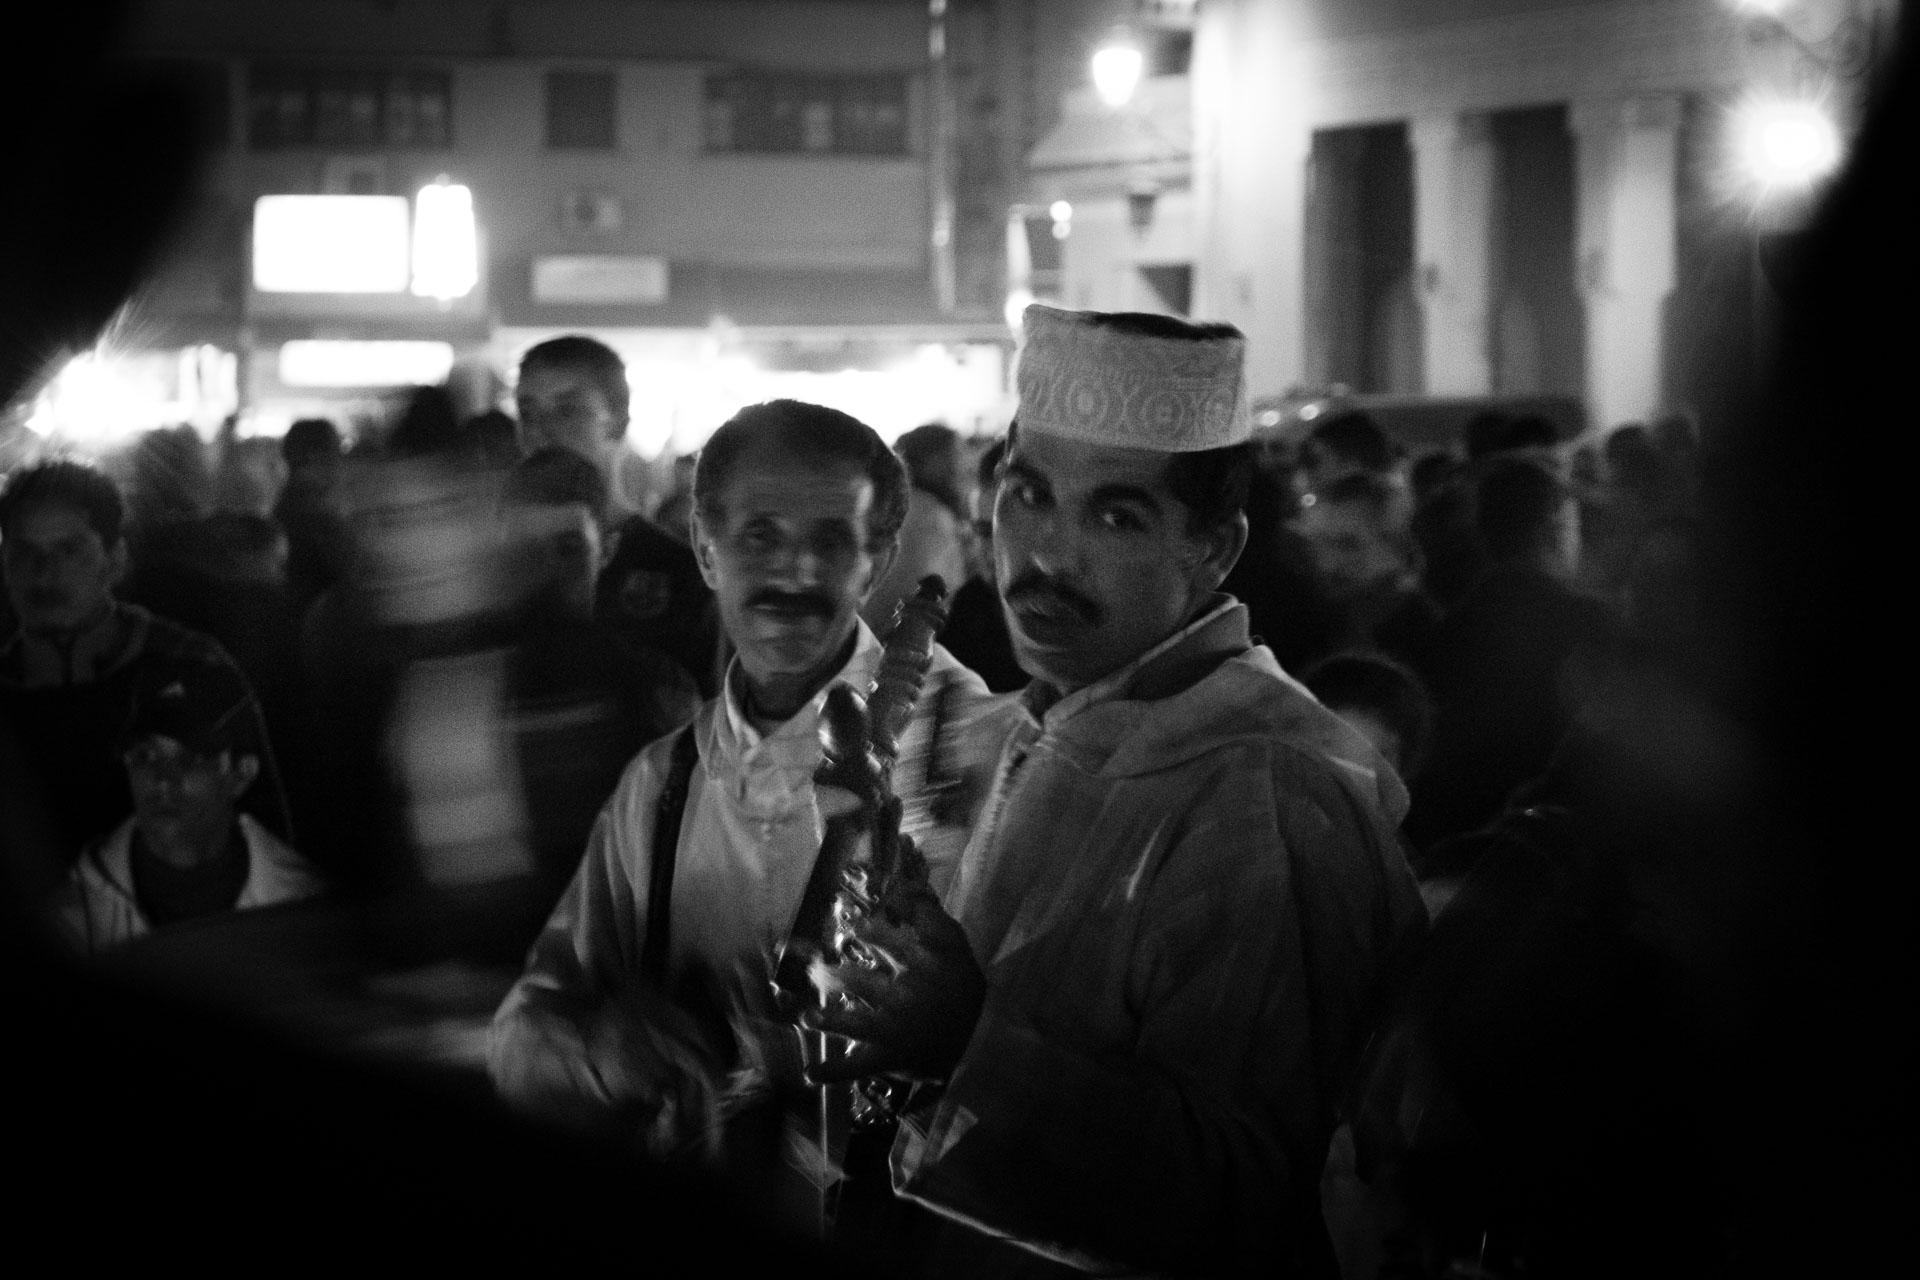 Fotografía en blanco y negro donde dos músicos árabes tocan sus instrumentos